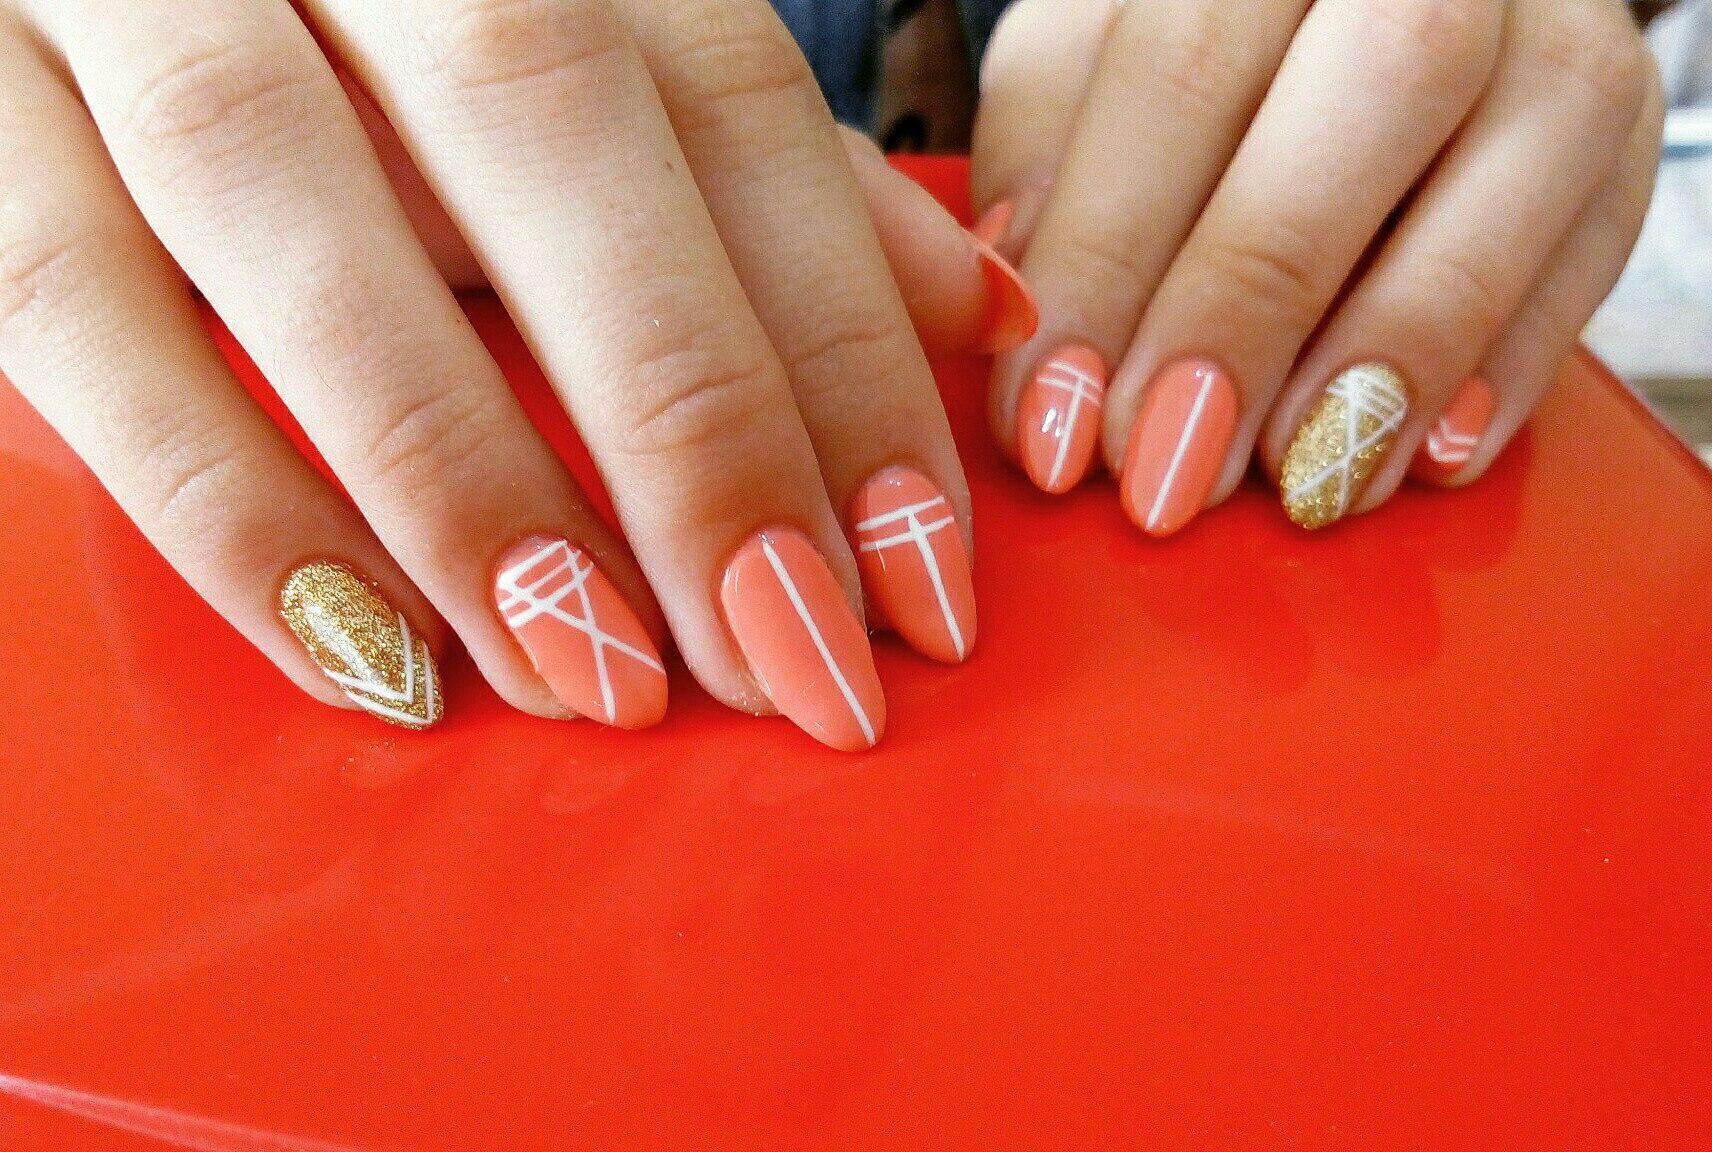 Ненавязчивая геометрия на апельсиновых ногтях